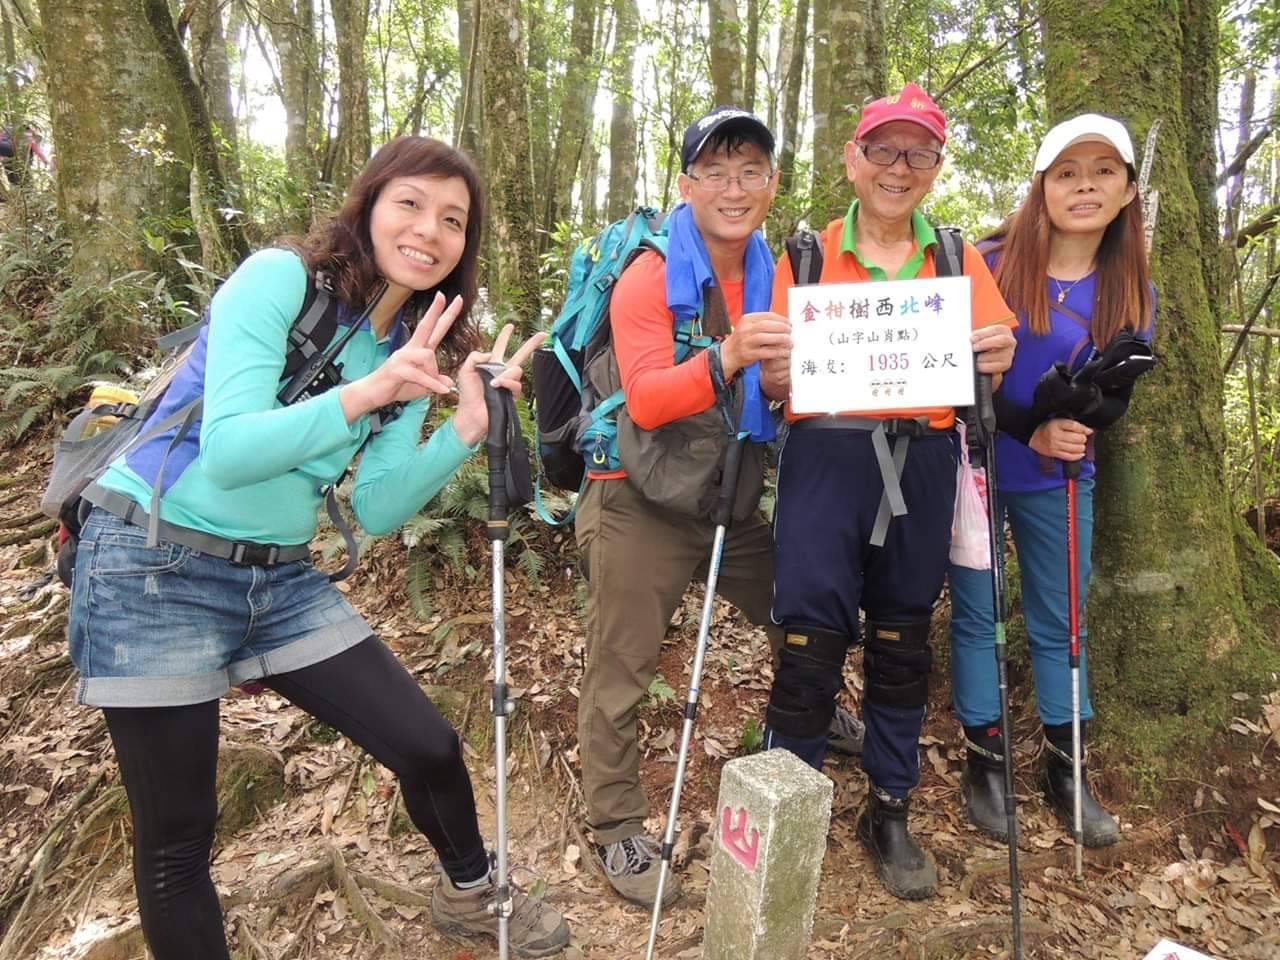 黎振聲(右二)的體力一點也不輸給年輕人,每周三仍固定跟登山隊一起爬山。 圖/黎振...